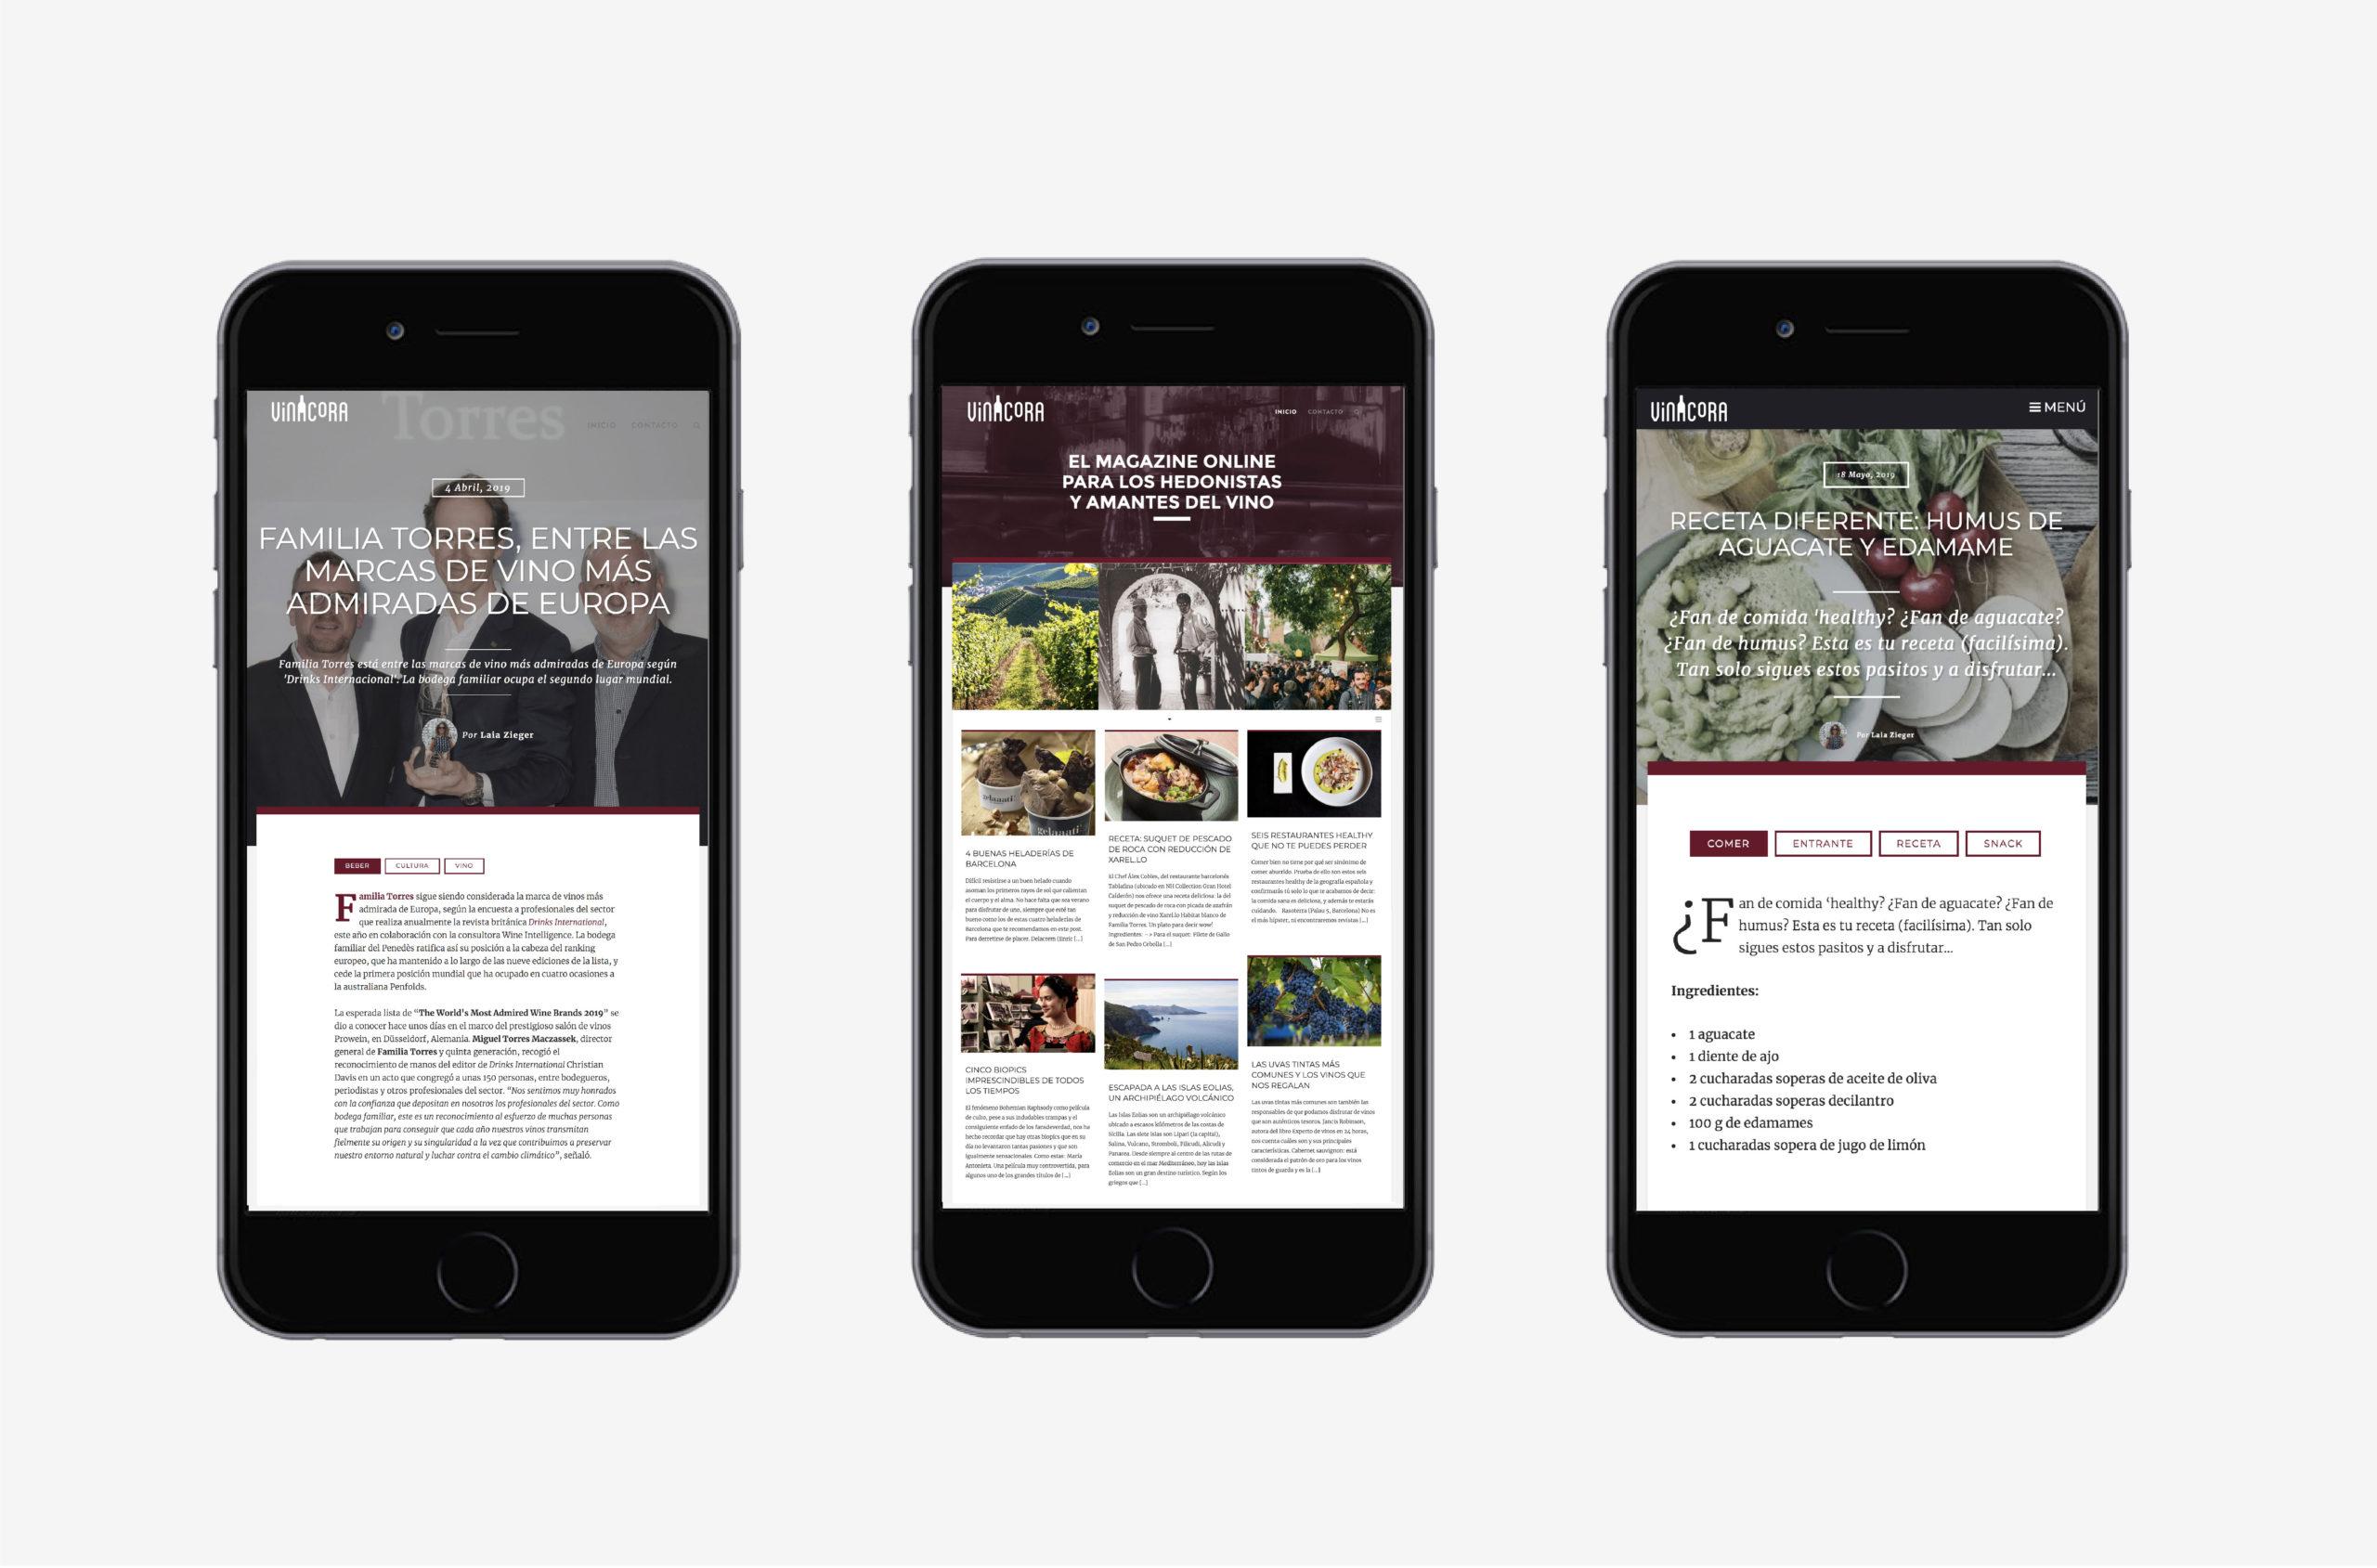 vinostorres-diseñografico-contenido-agencia-barcelona-1